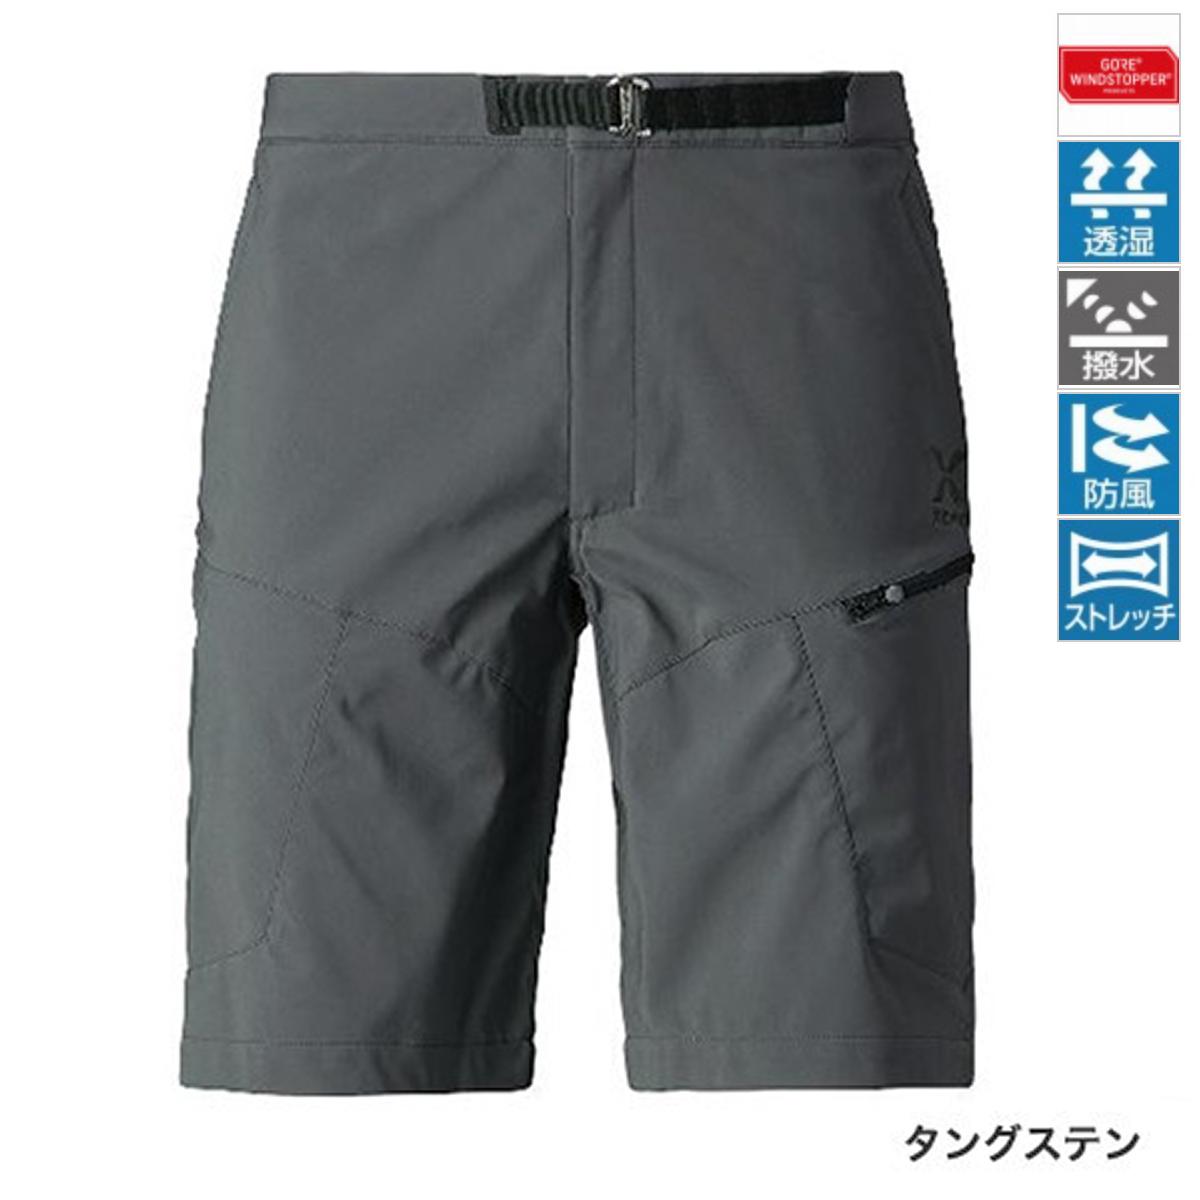 シマノ XEFO GORE WINDSTOPPER ショーツ PA-242R M タングステン(東日本店)